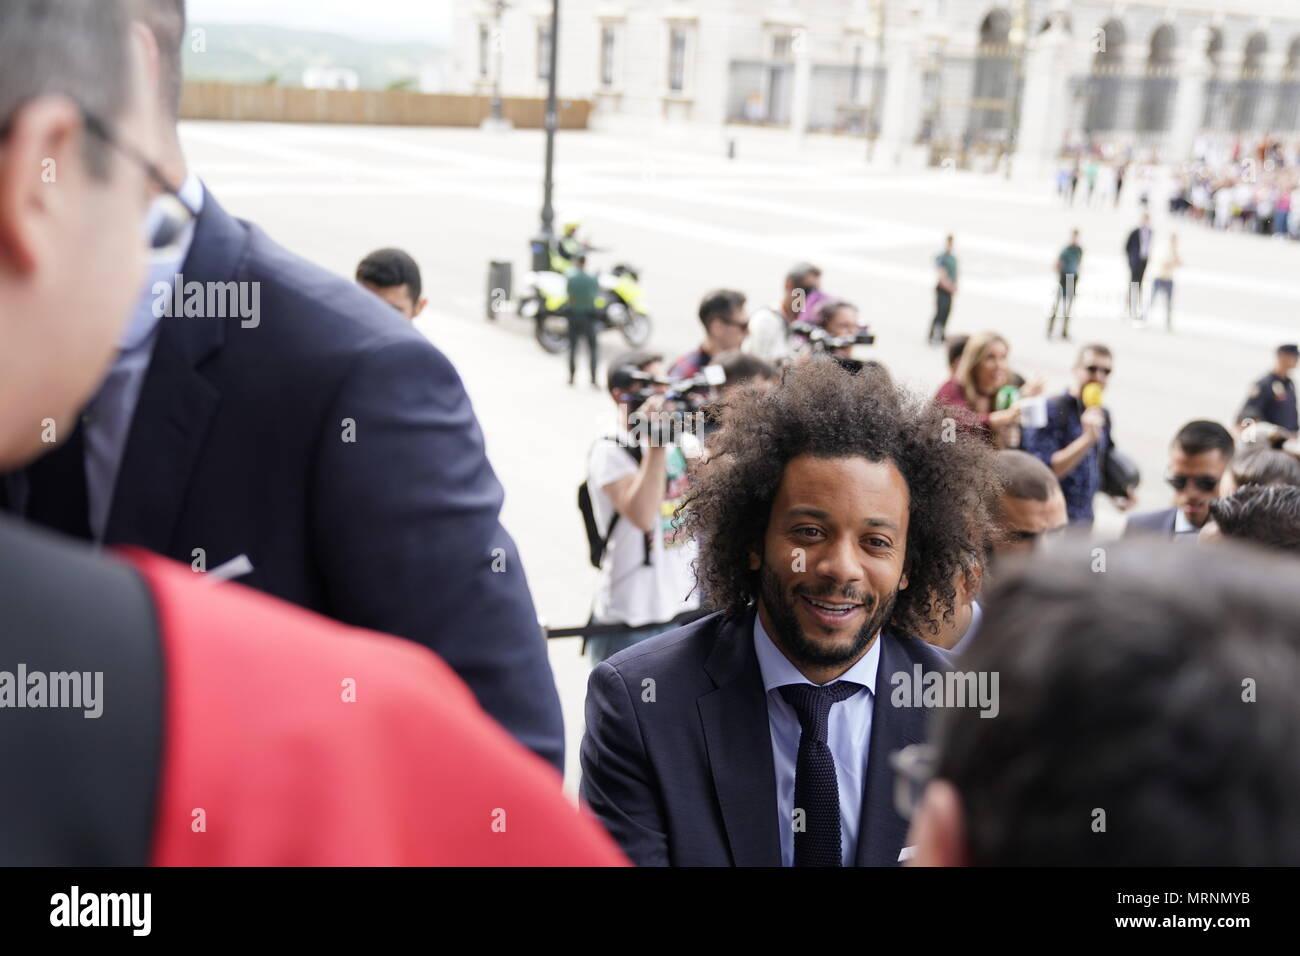 Marcelo, en la Catedral de La Almudena de Madrid el 27 de mayo de 2018, como jugadores de fútbol del Real Madrid llegan a celebrar para ganar su tercer título de Liga de Campeones en una fila en Kiev. Imagen De Stock